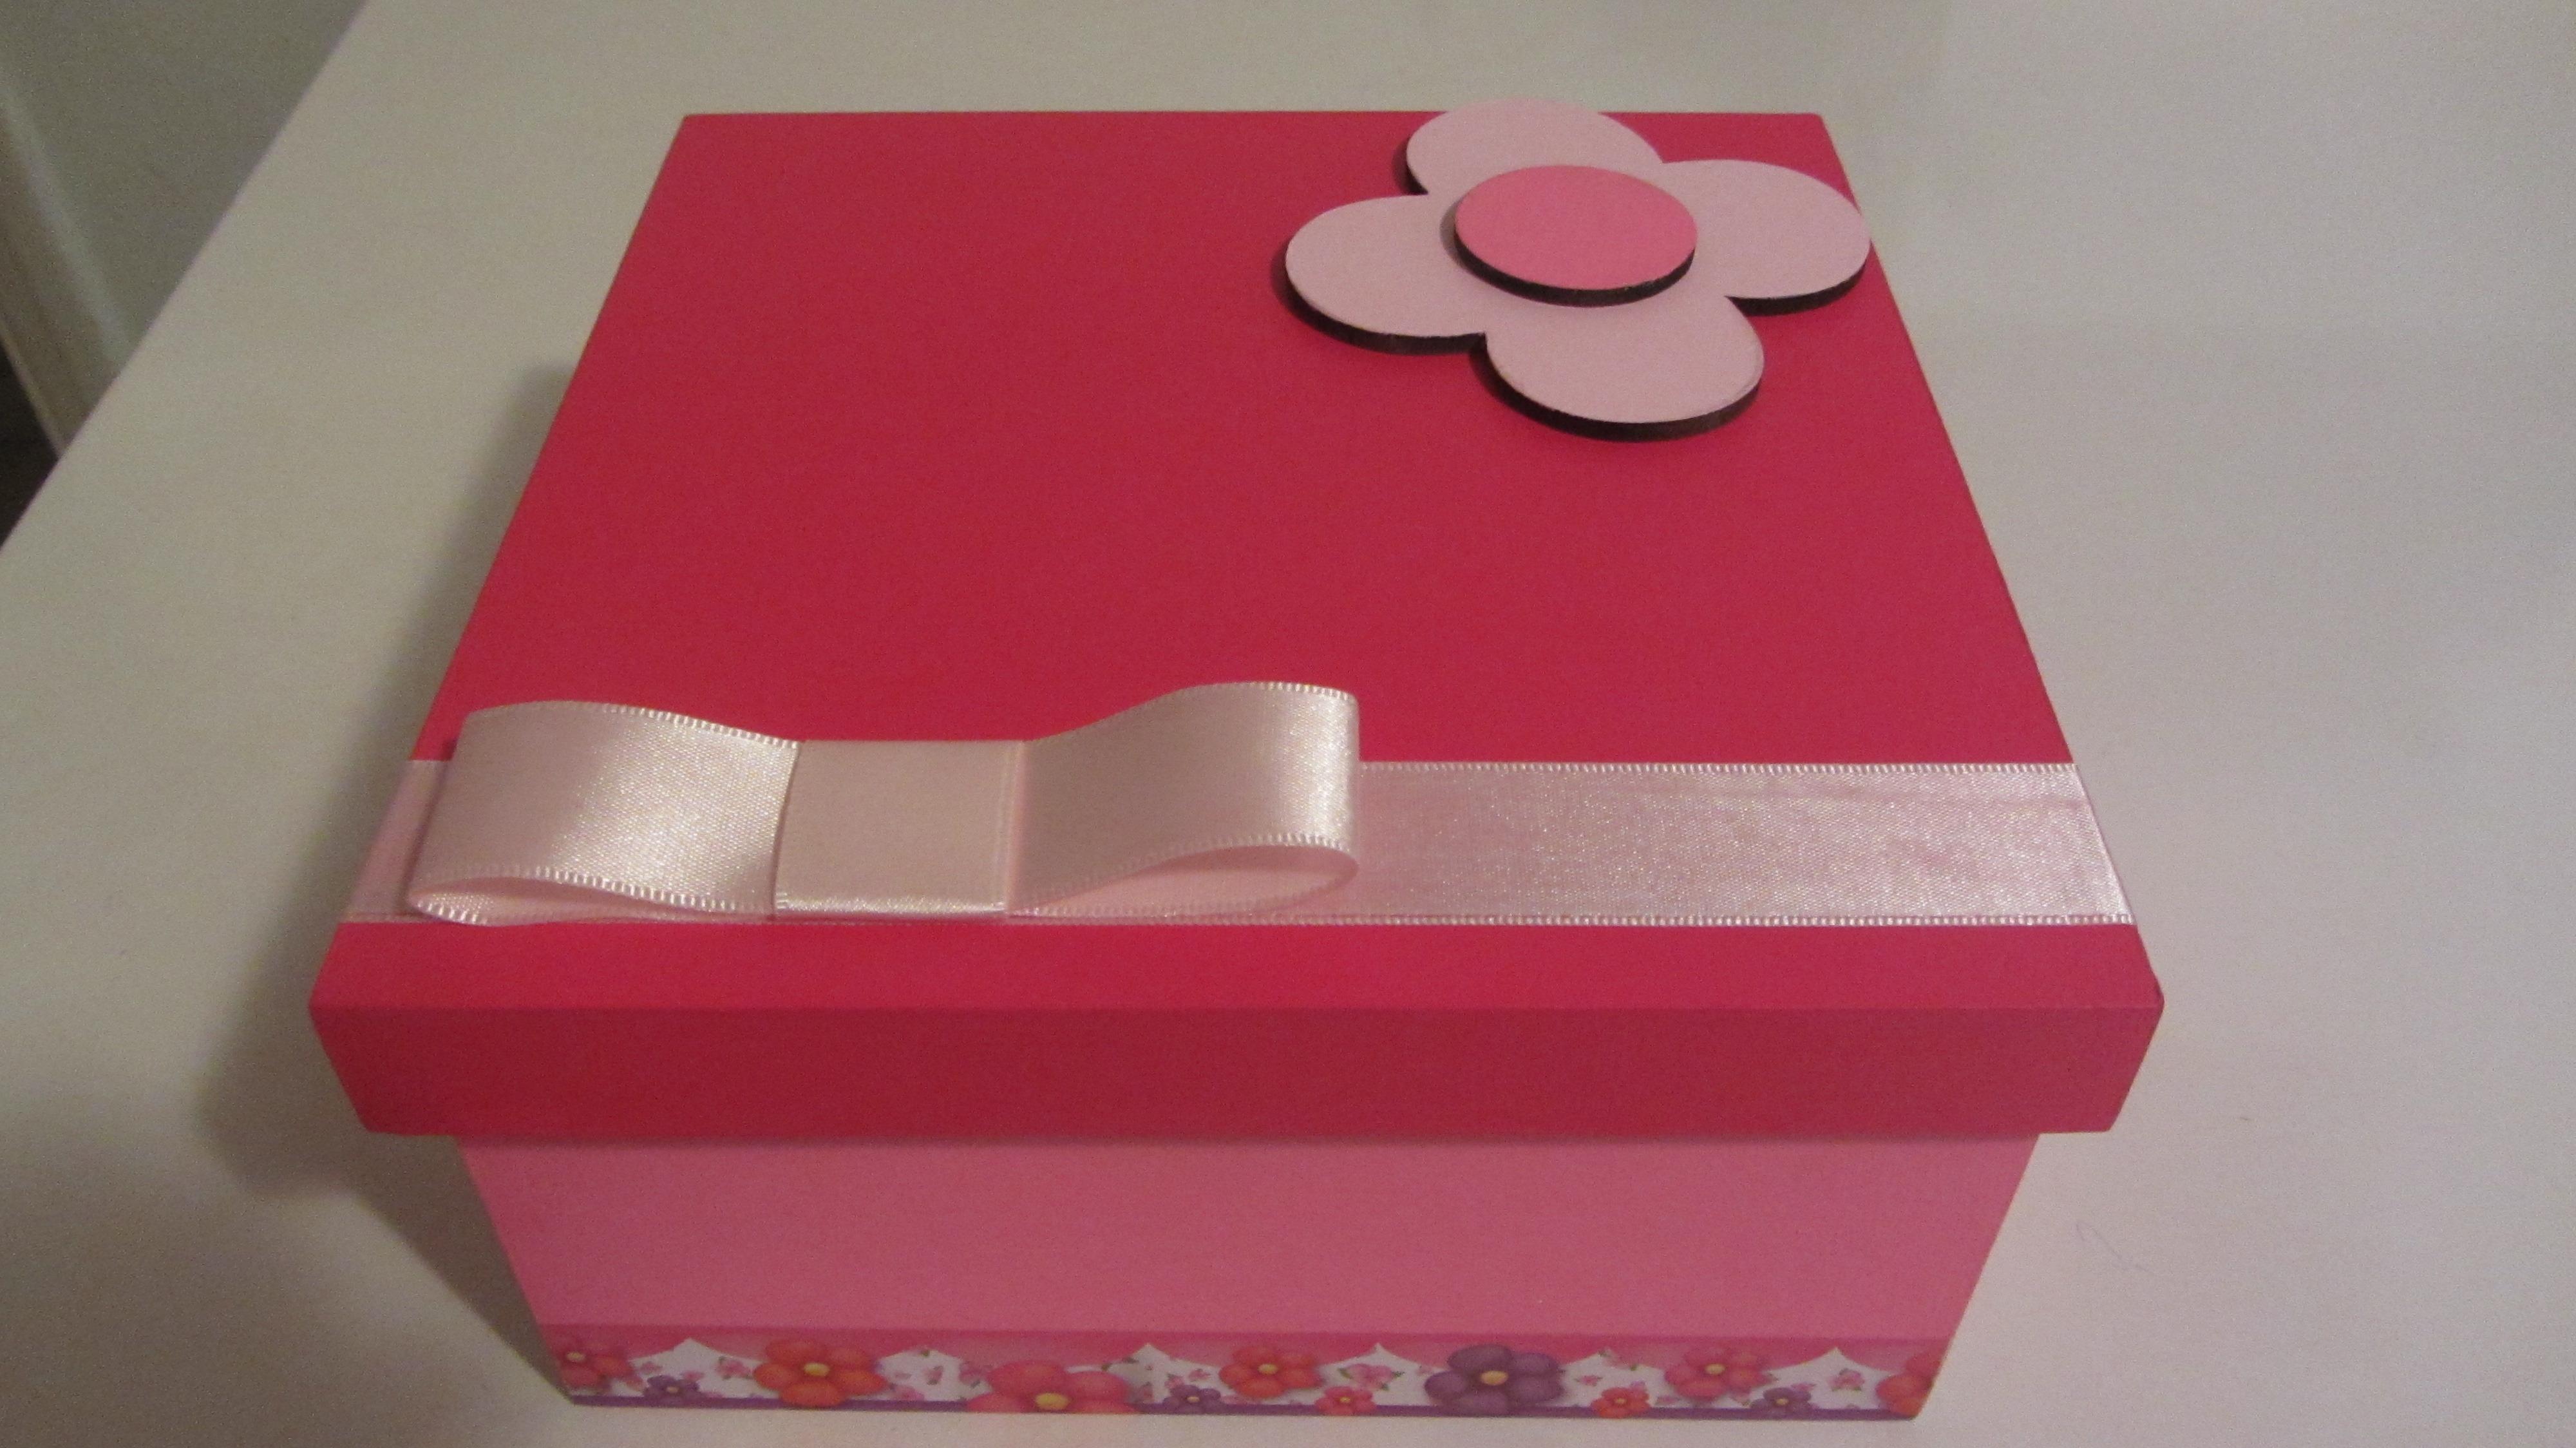 quadrada de madeira mdf grande caixa quadrada de madeira mdf grande #A42740 4000x2248